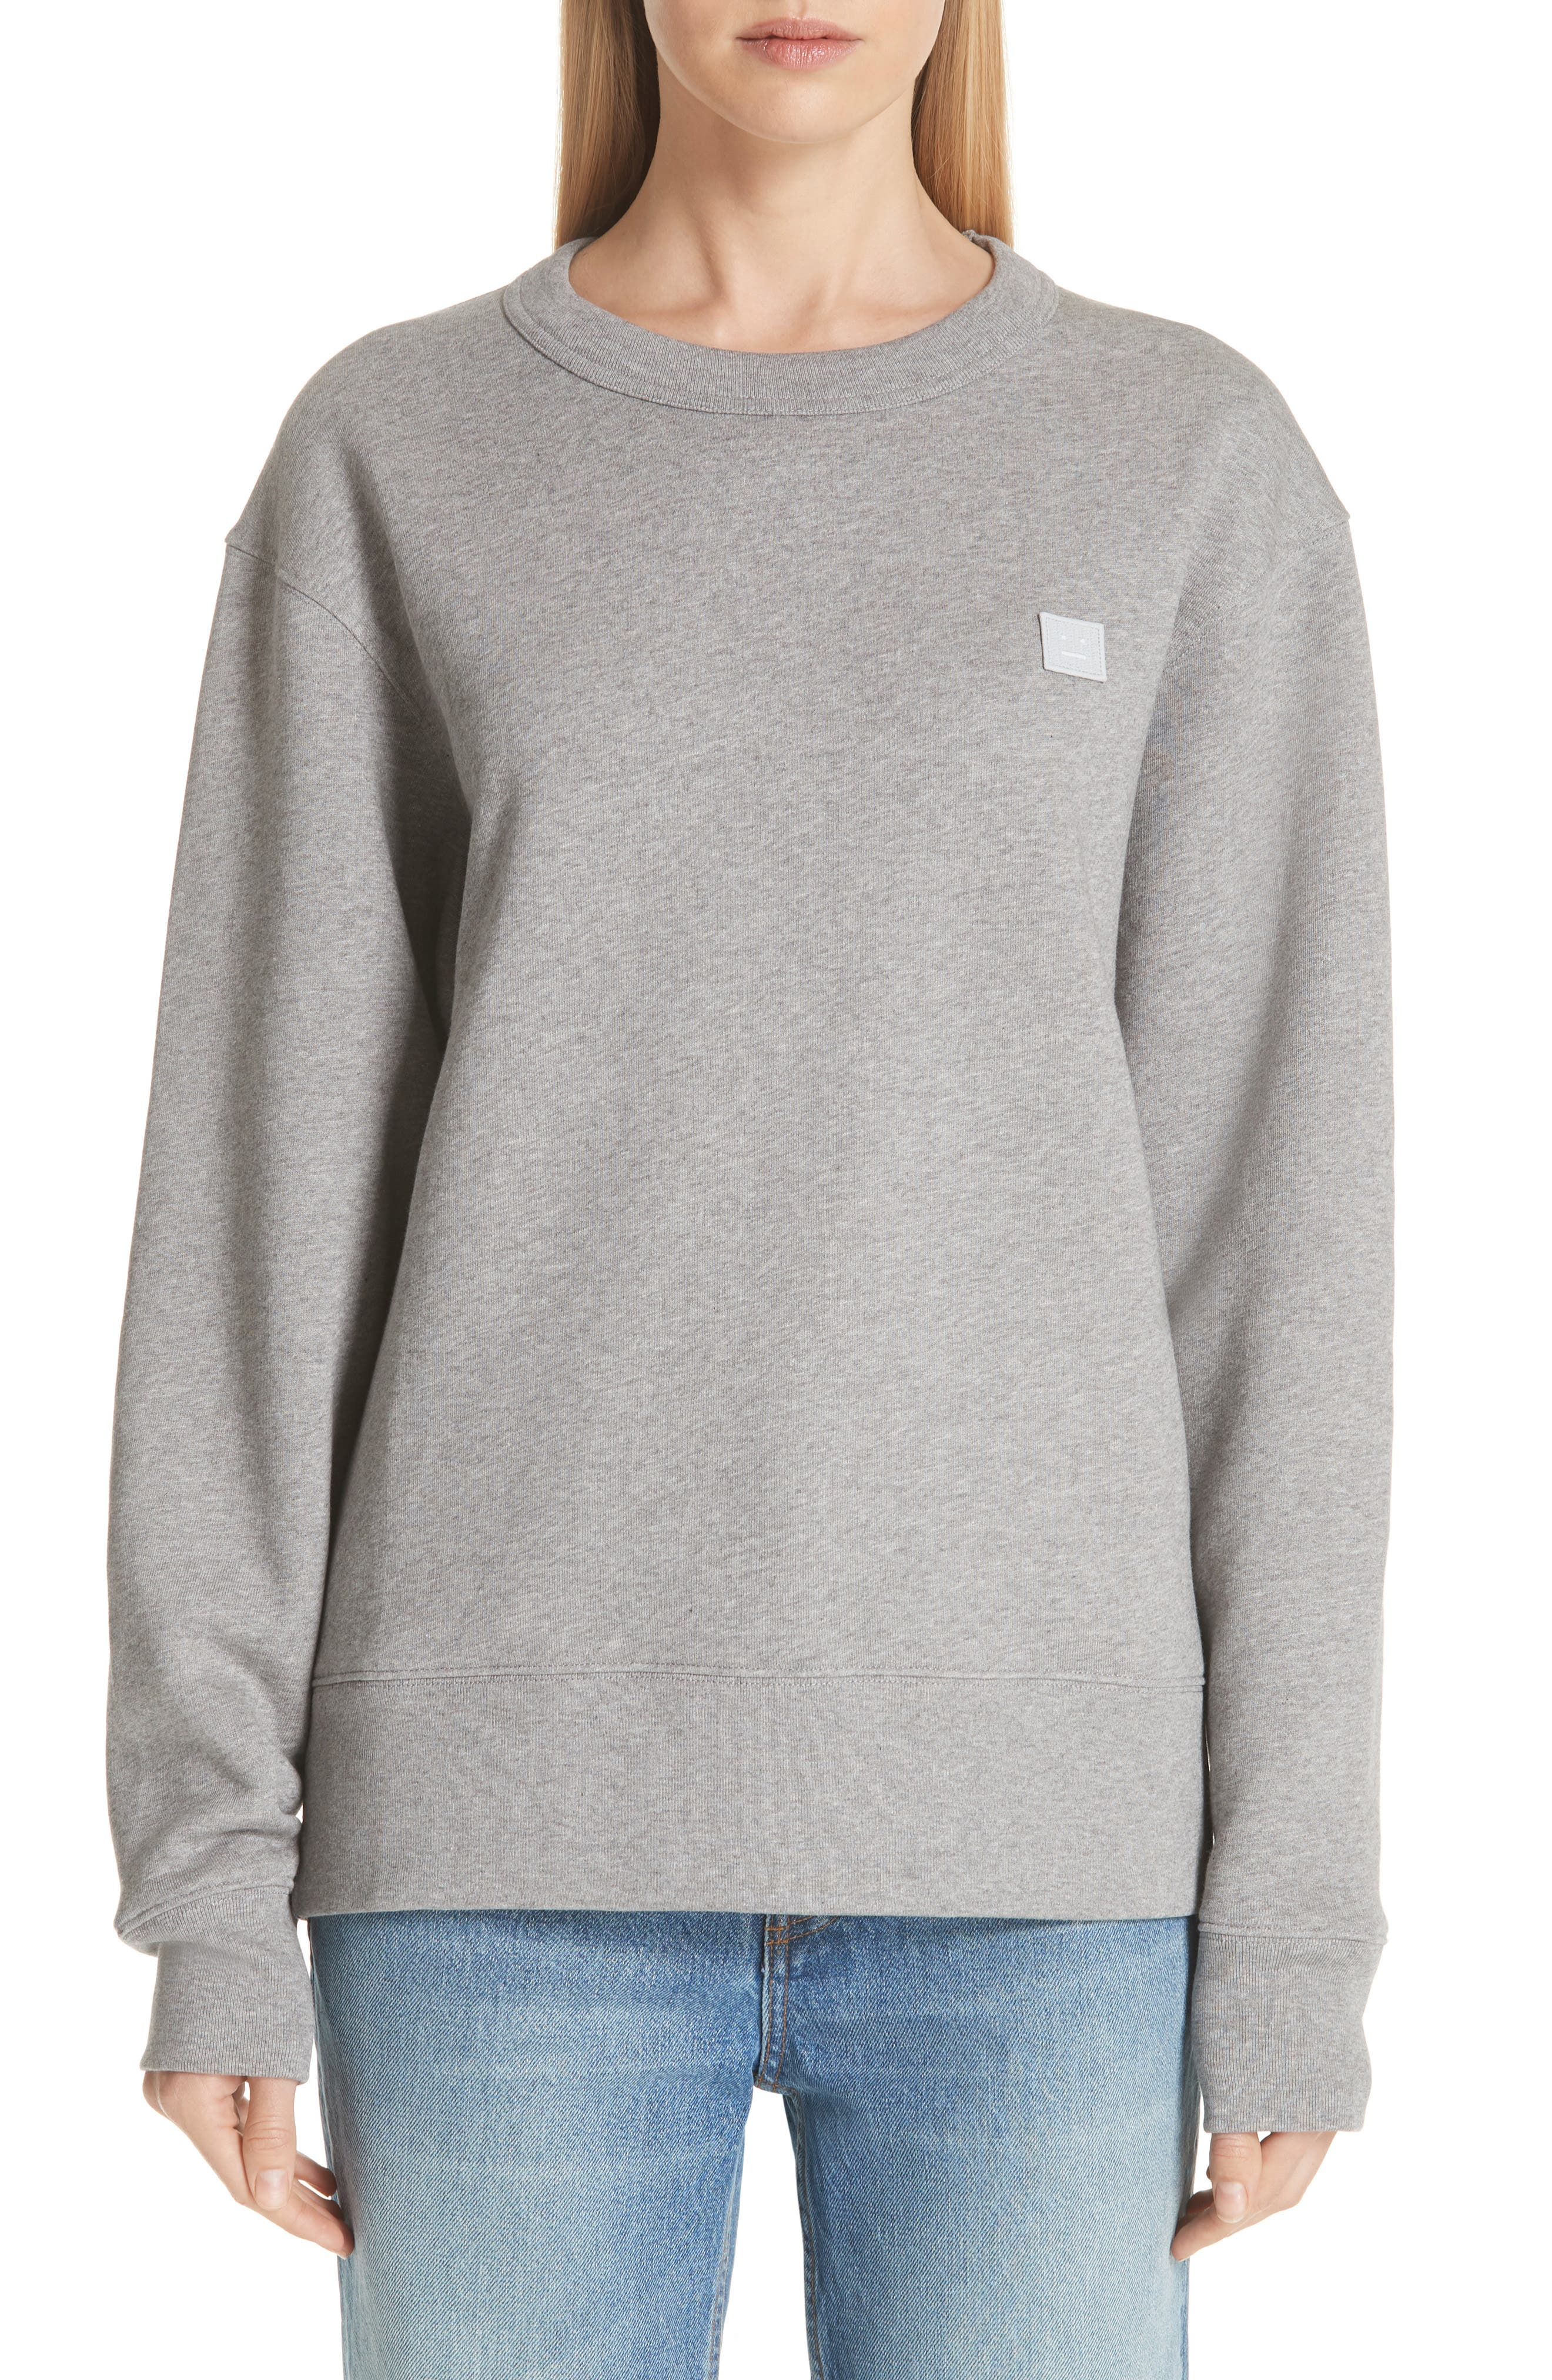 Fairview Sweatshirt in Light Grey Melange